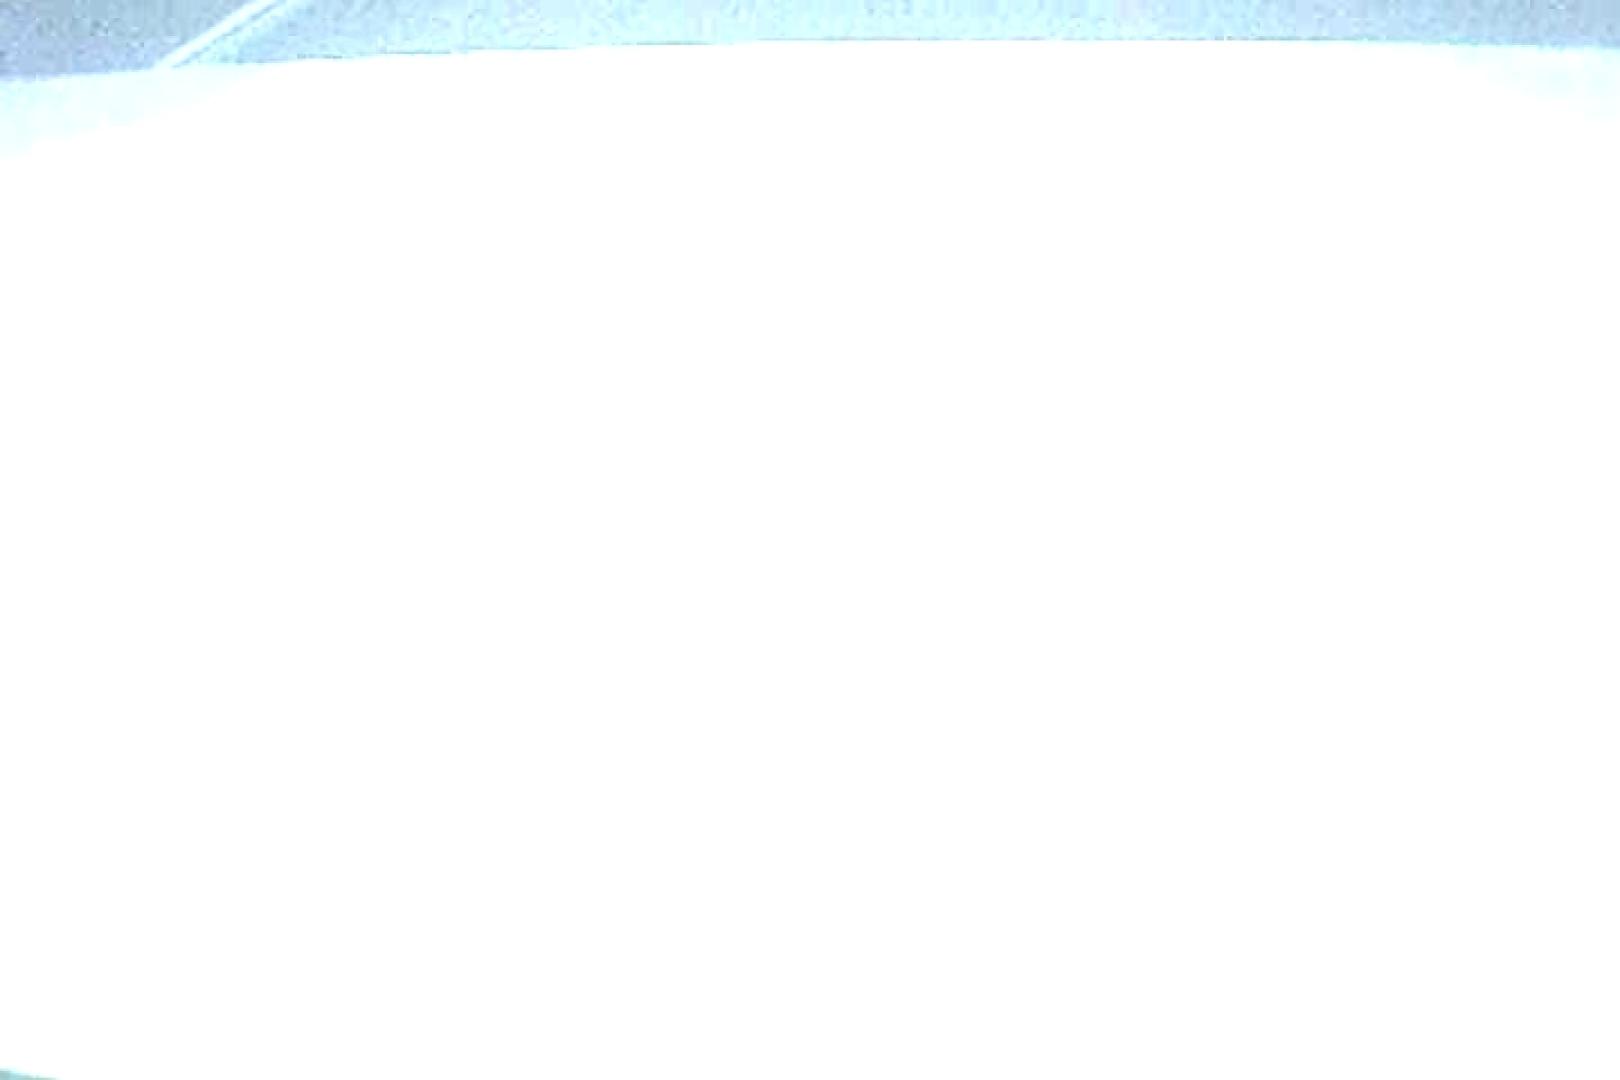 充血監督の深夜の運動会Vol.11 おまんこ  75枚 65